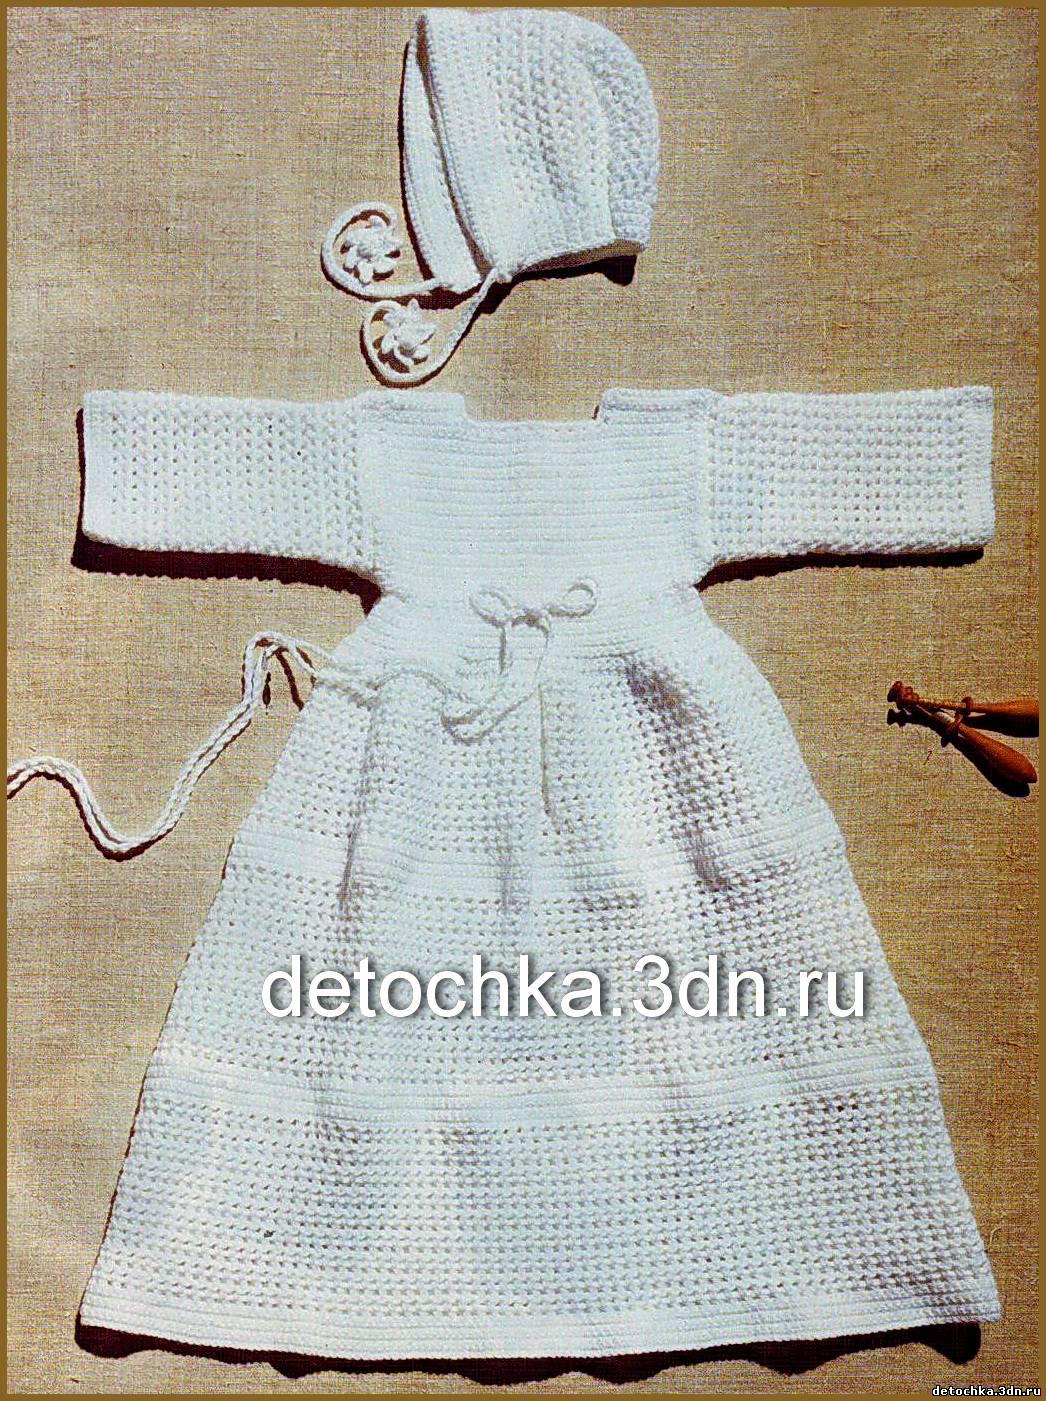 ...просто связать такой крестильный набор для девочки: крестильное платье и чепчик для девочки - все связано крючком.